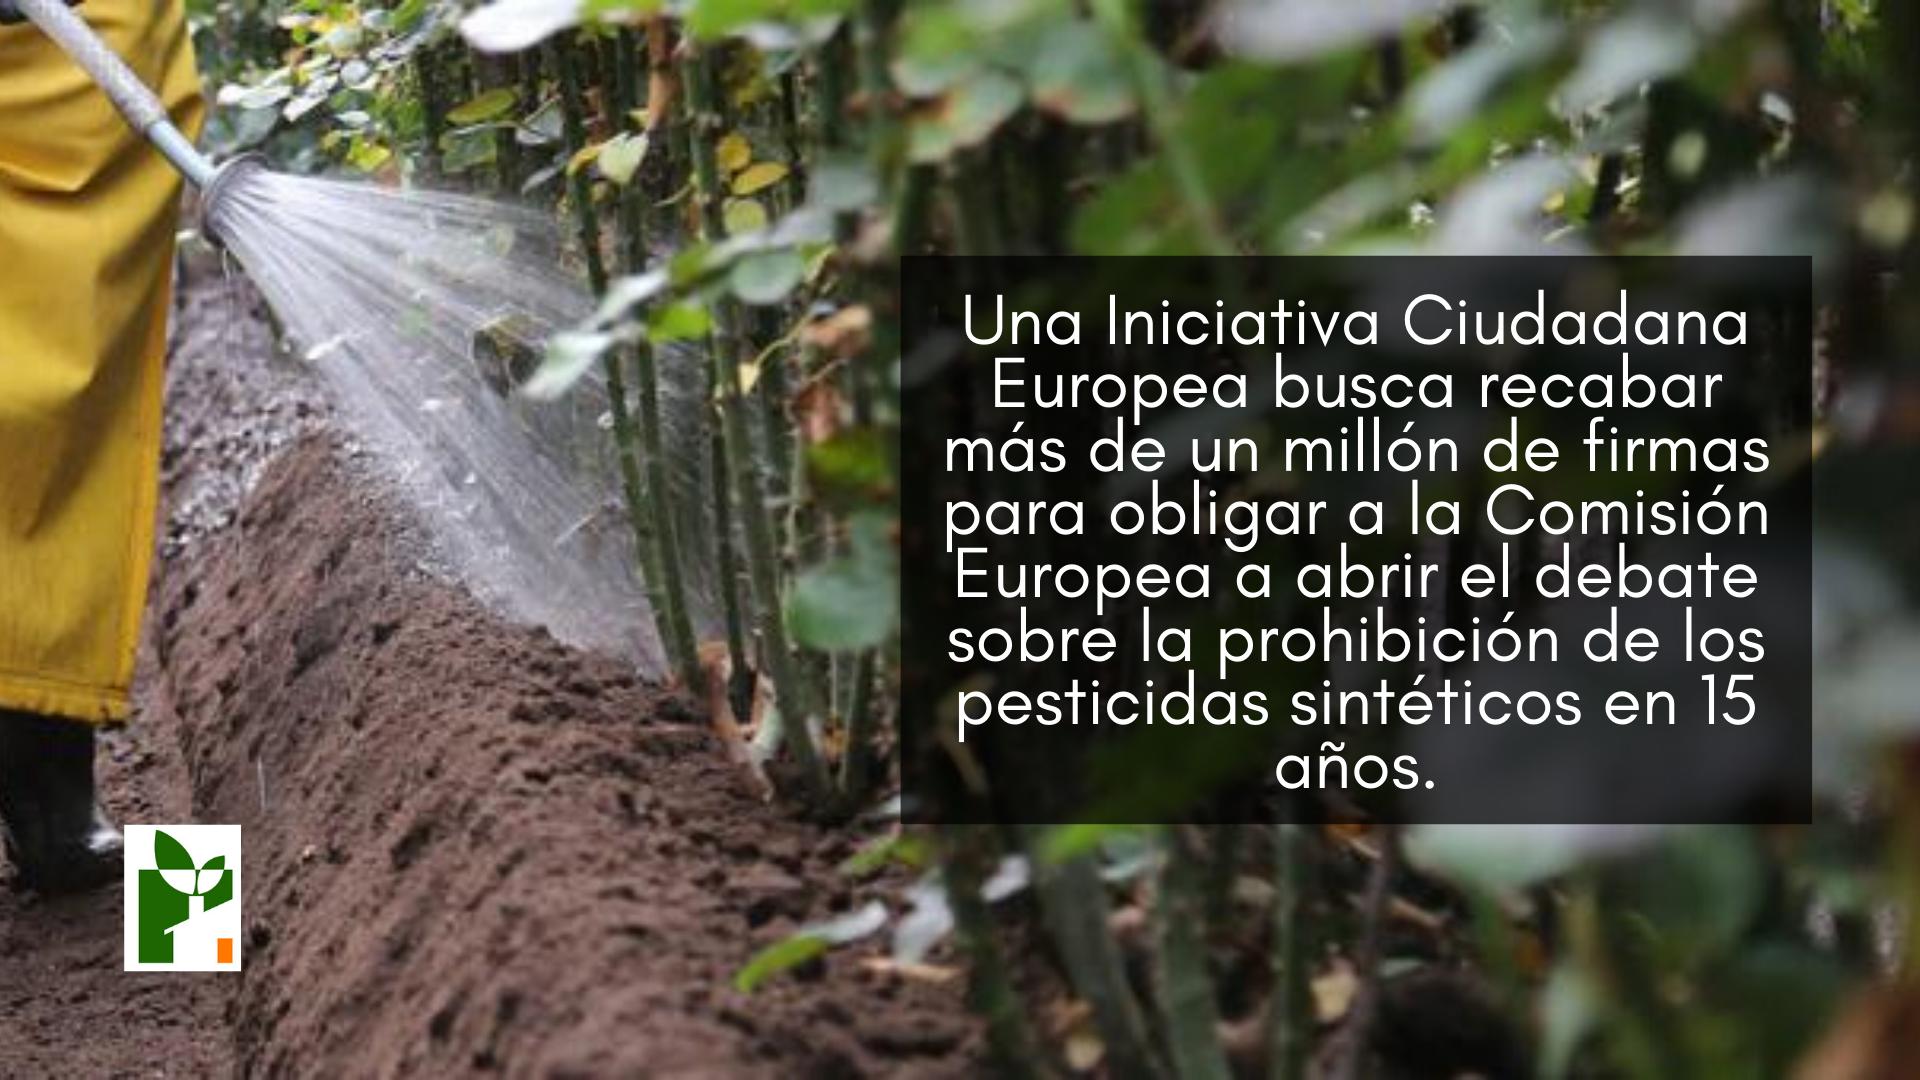 Una Iniciativa Ciudadana Europea busca recabar más de un millón de firmas para obligar a la Comisión Europea a abrir el debate sobre la prohibición de los pesticidas sintéticos en 15 años.